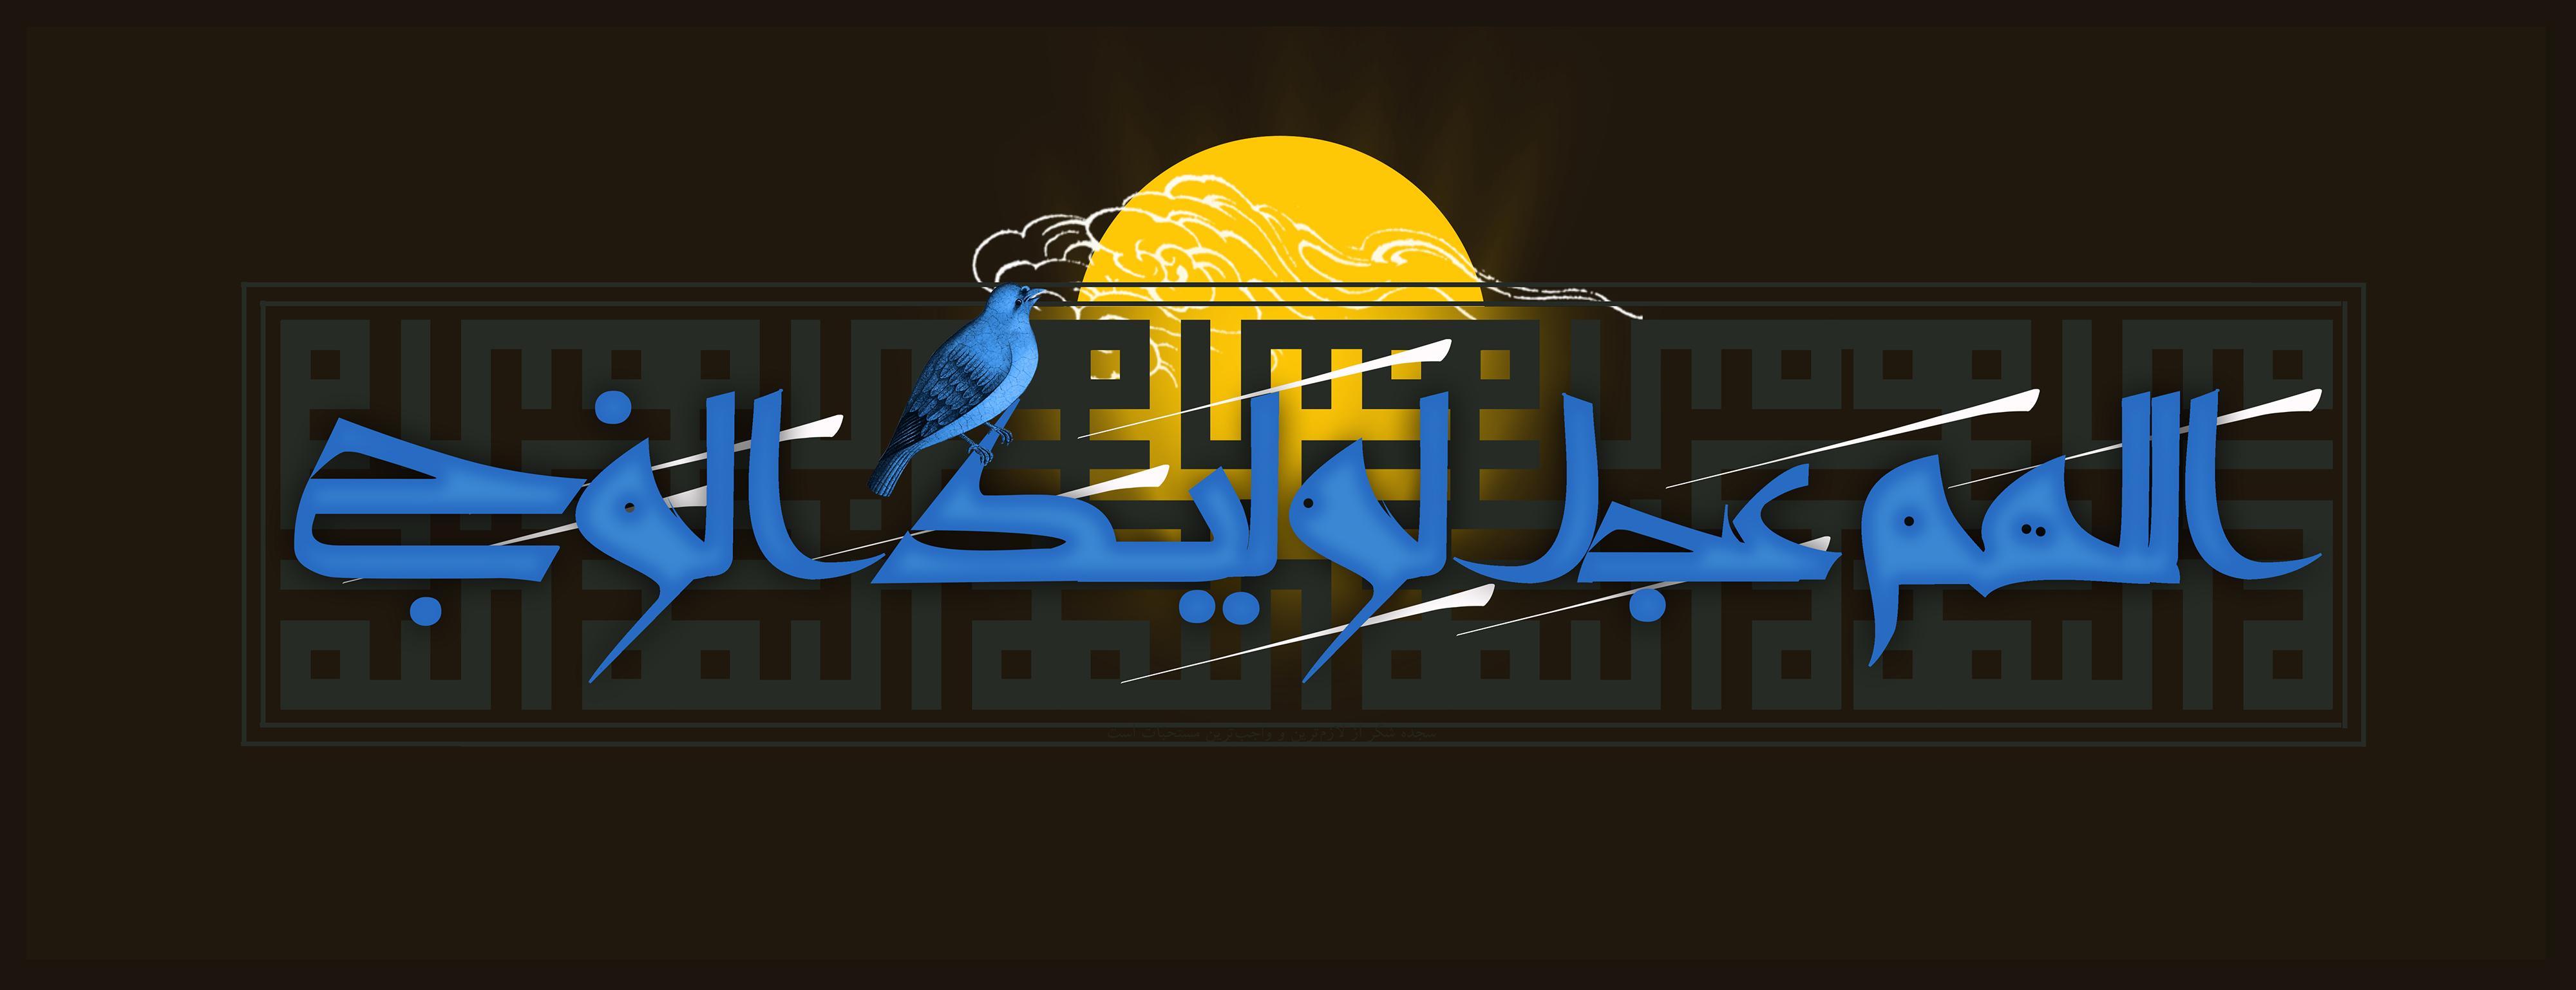 imam_zaman_as_by_ostadreza_www.yasinmedia.com